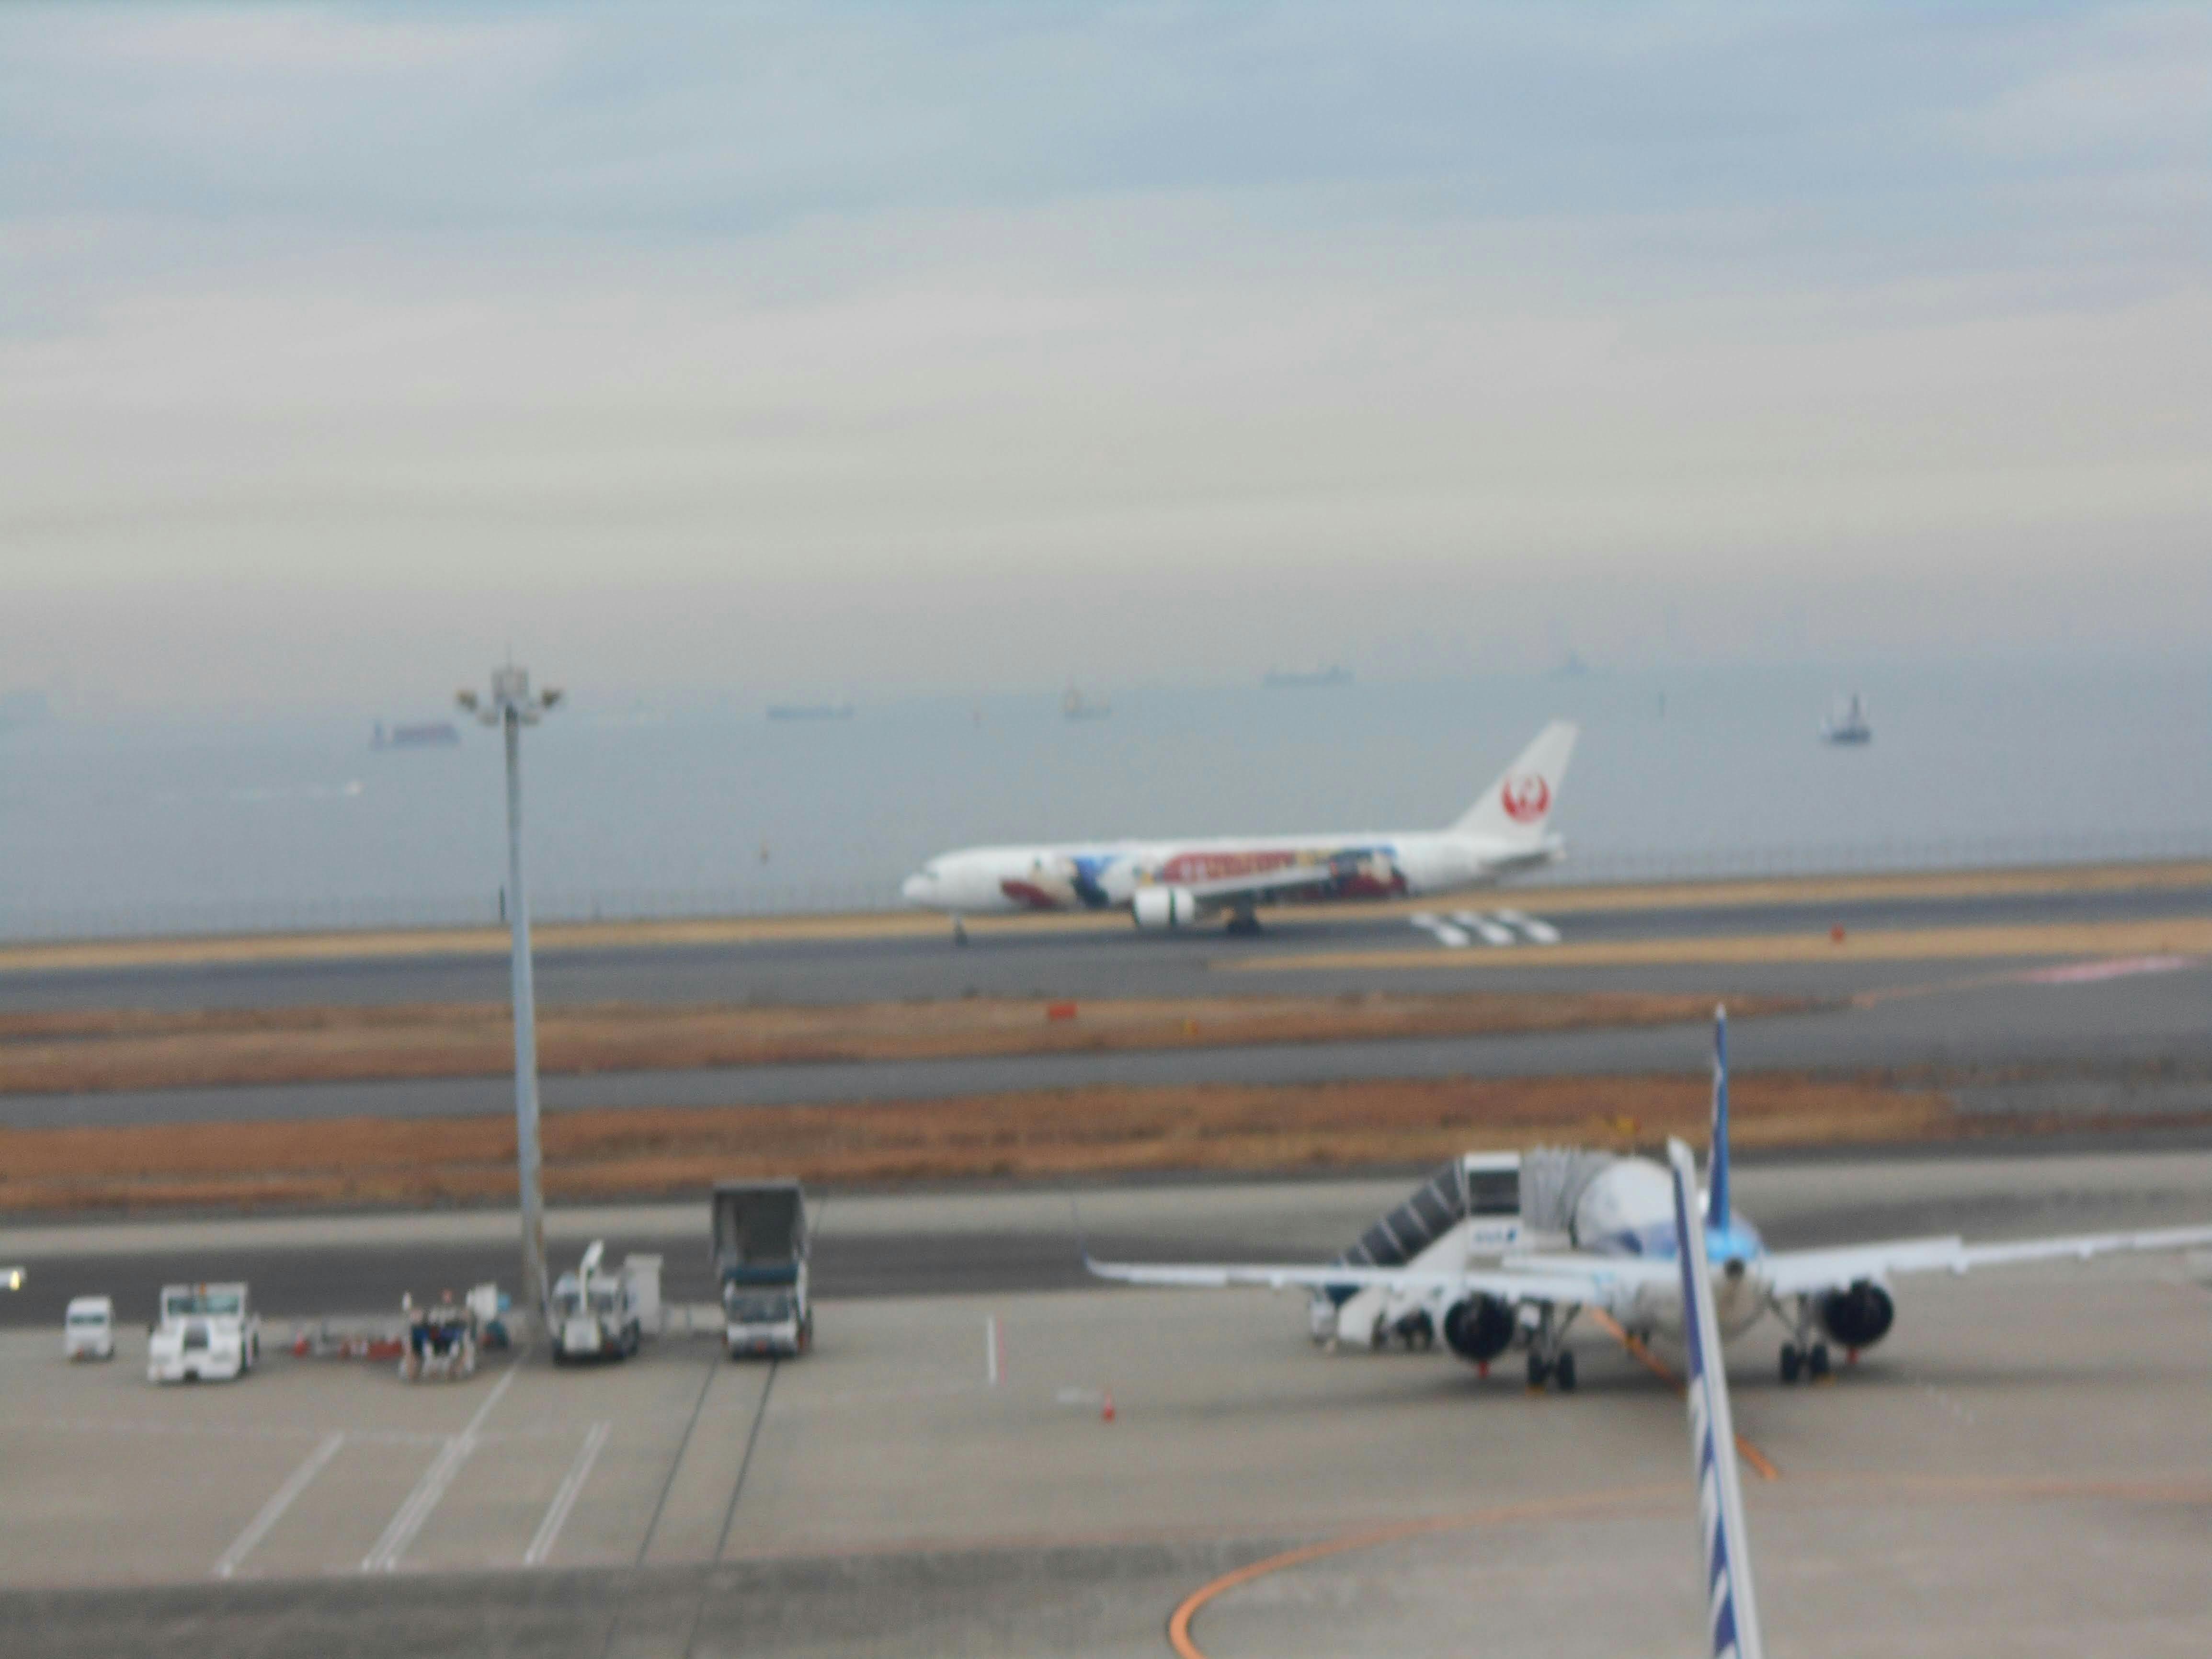 f:id:A350-900:20210109212804j:image